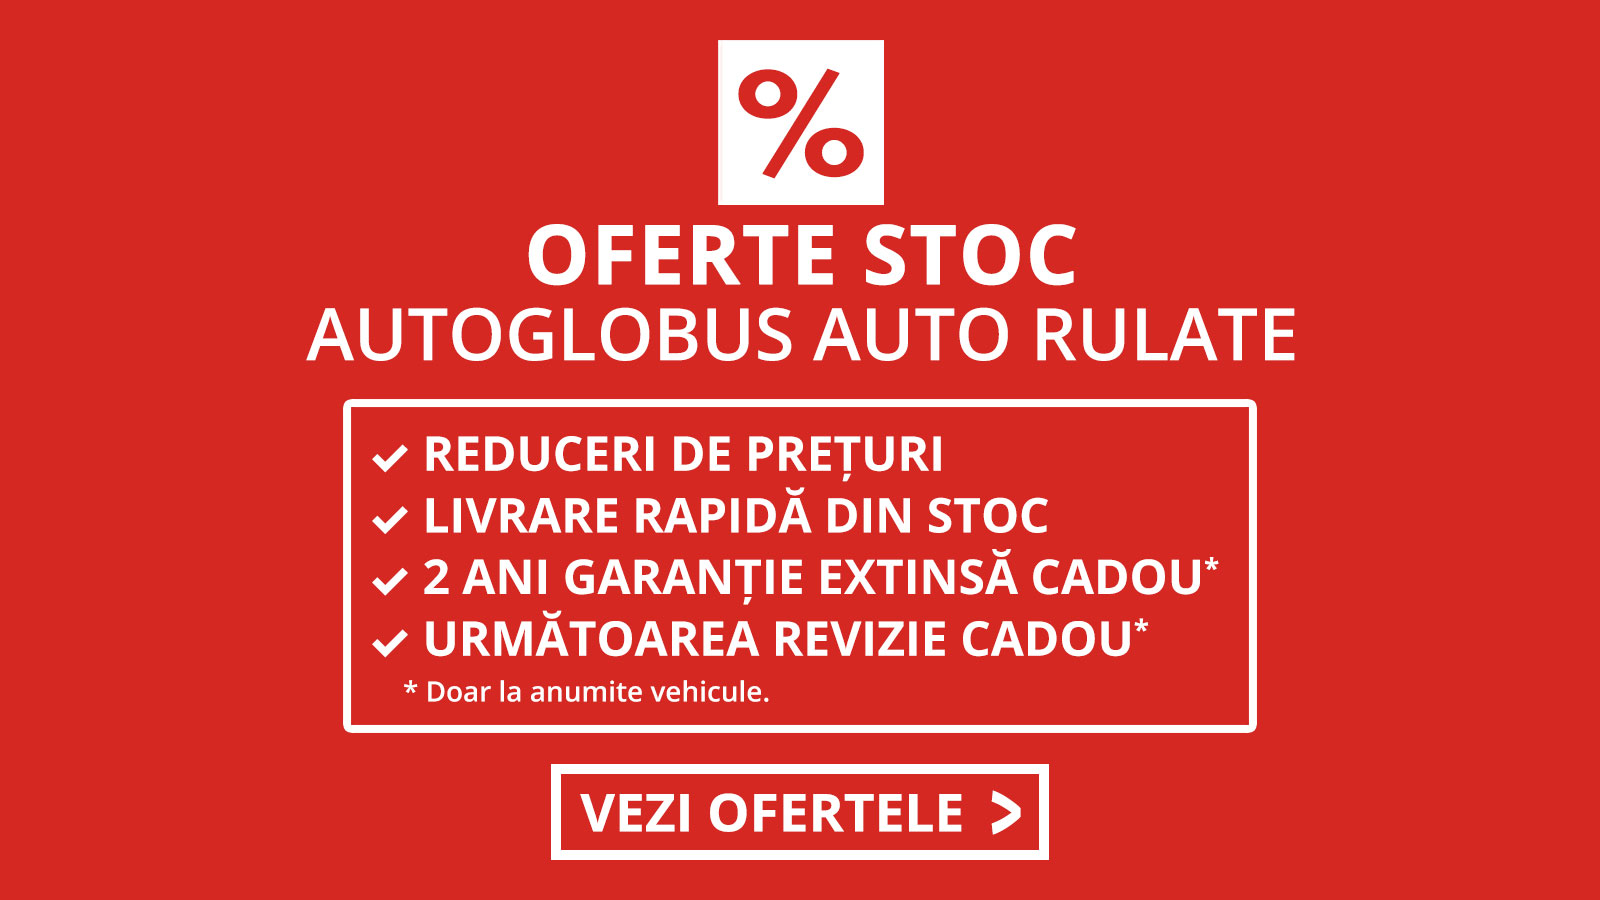 Oferte stoc Autoglobus Auto Rulate